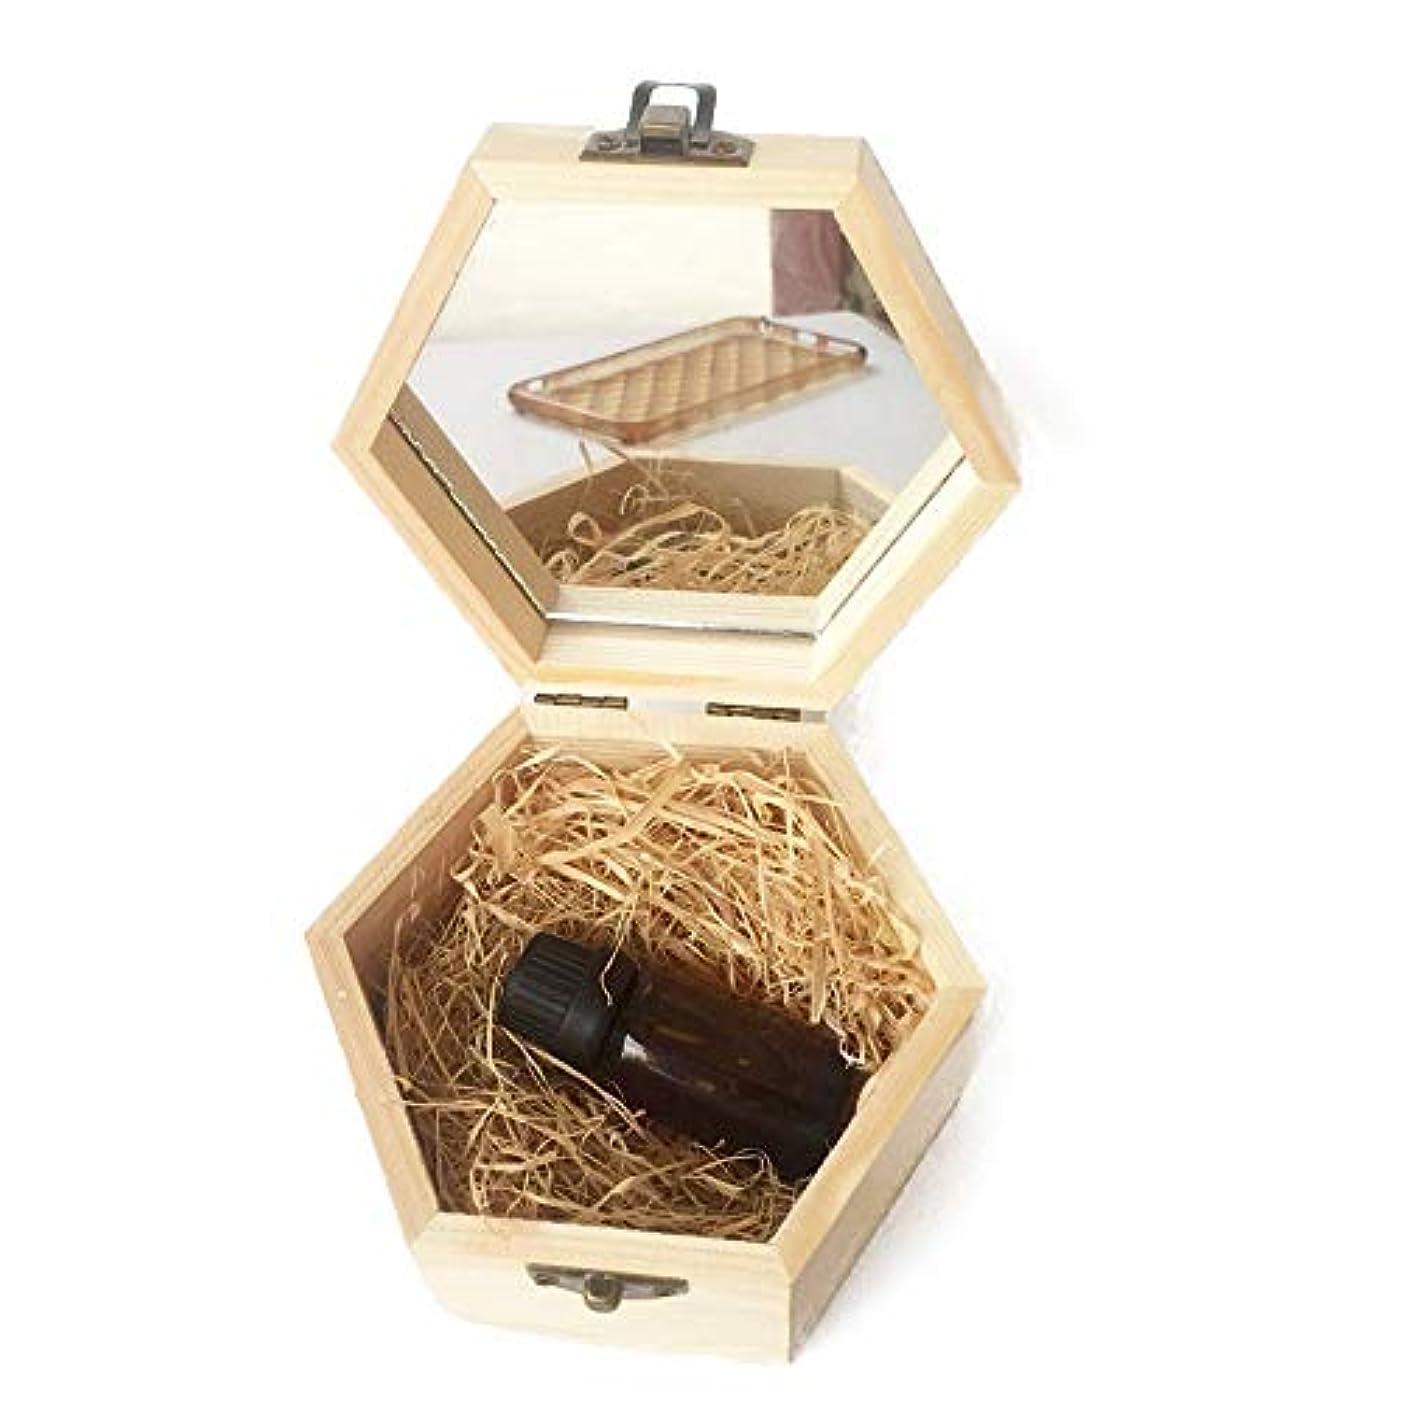 ナサニエル区気づく支給エッセンシャルオイルの保管 アロマセラピーのエッセンシャルオイル木箱の品質収納ケース (色 : Natural, サイズ : 13X11.3X6.8CM)